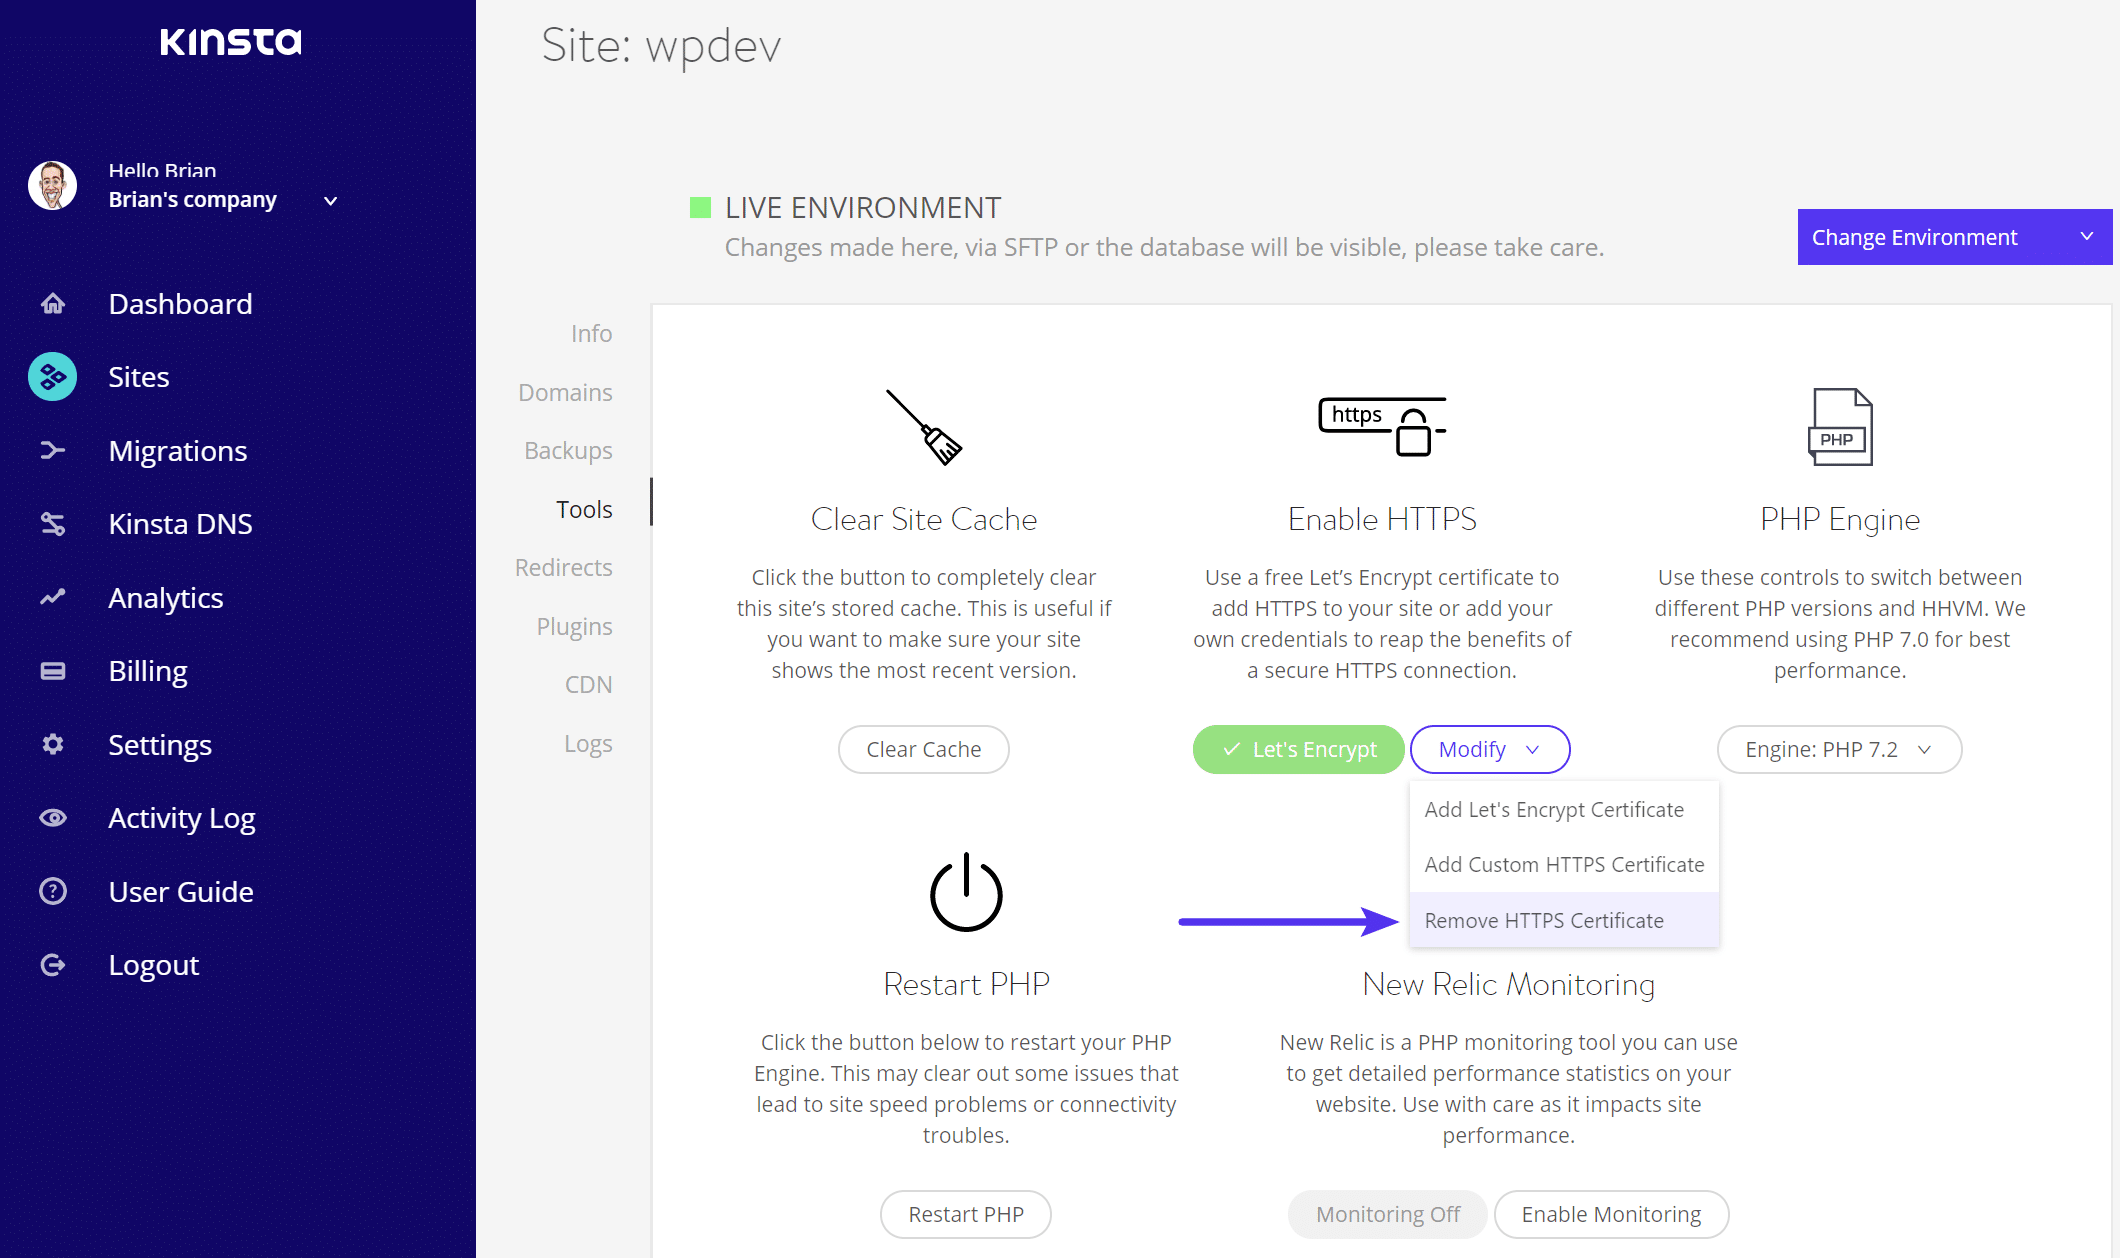 Rimuovi certificato HTTPS